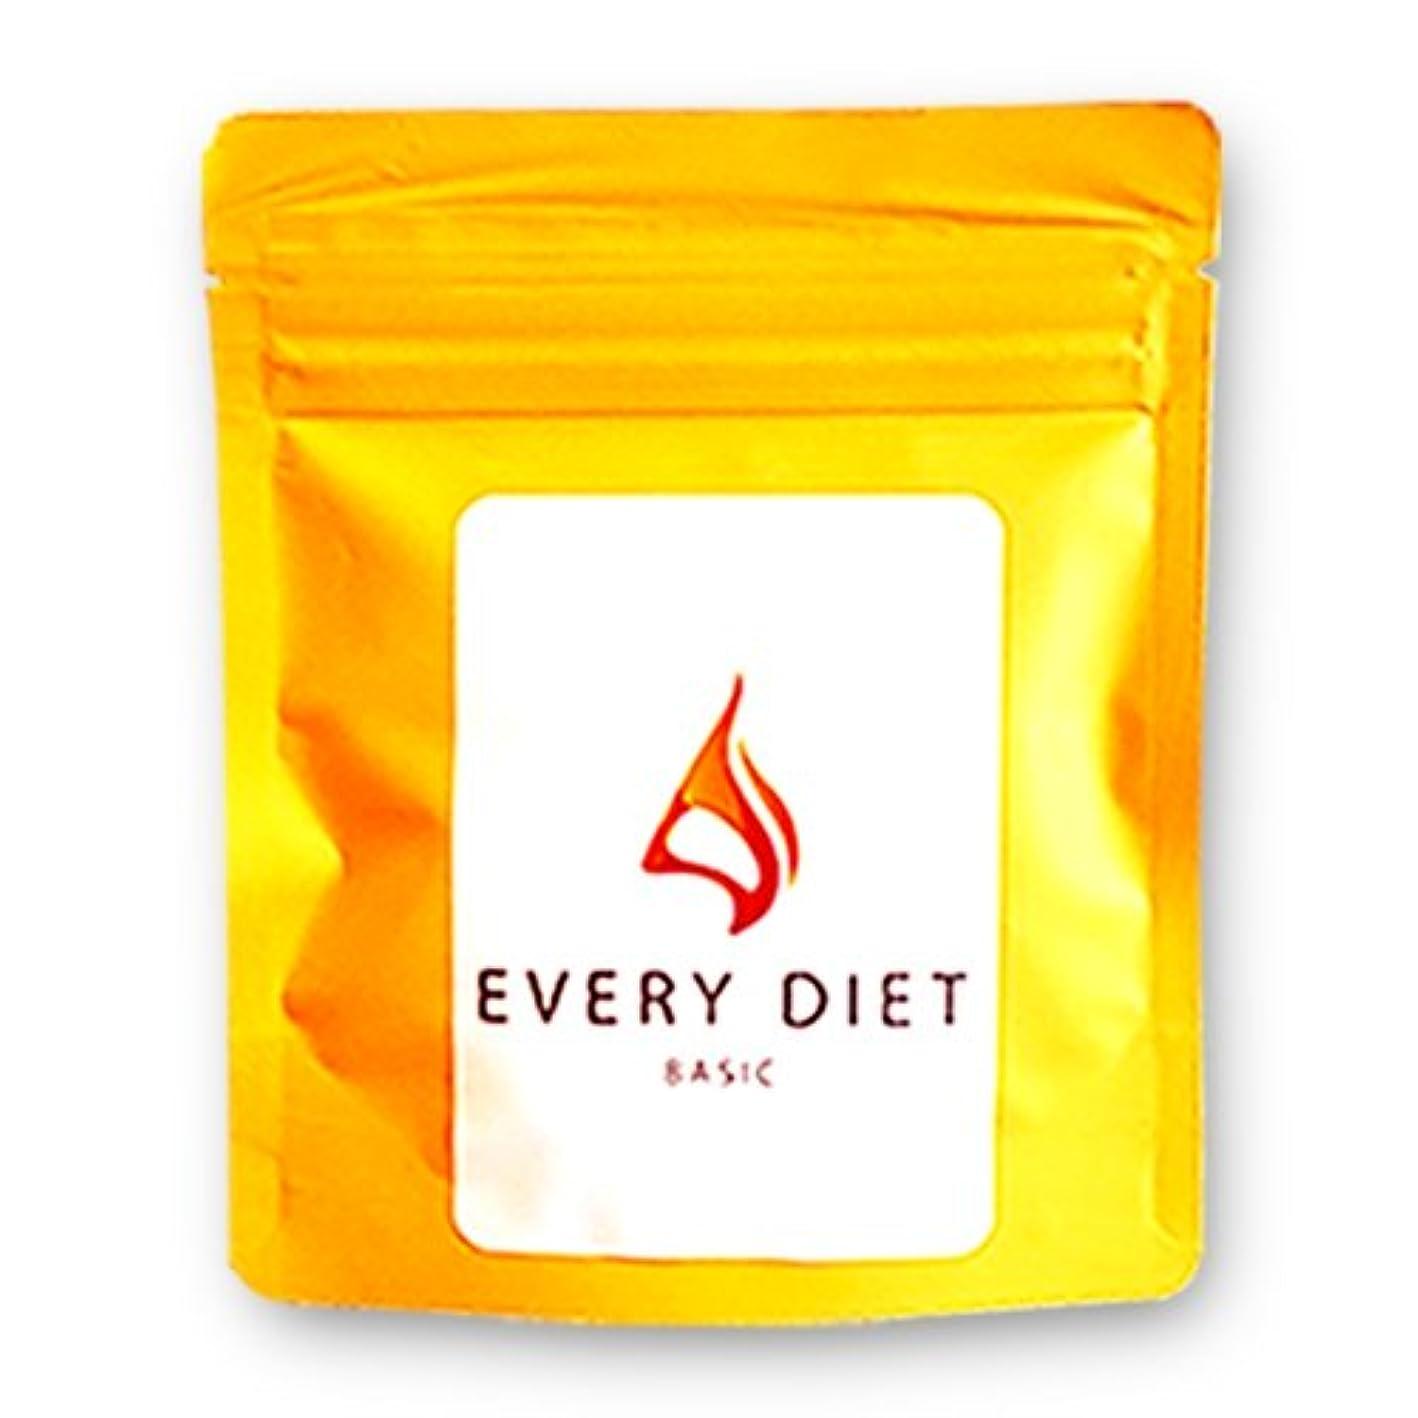 巧みなトラップ誓うエブリダイエット ベーシック (Every Diet Basic)